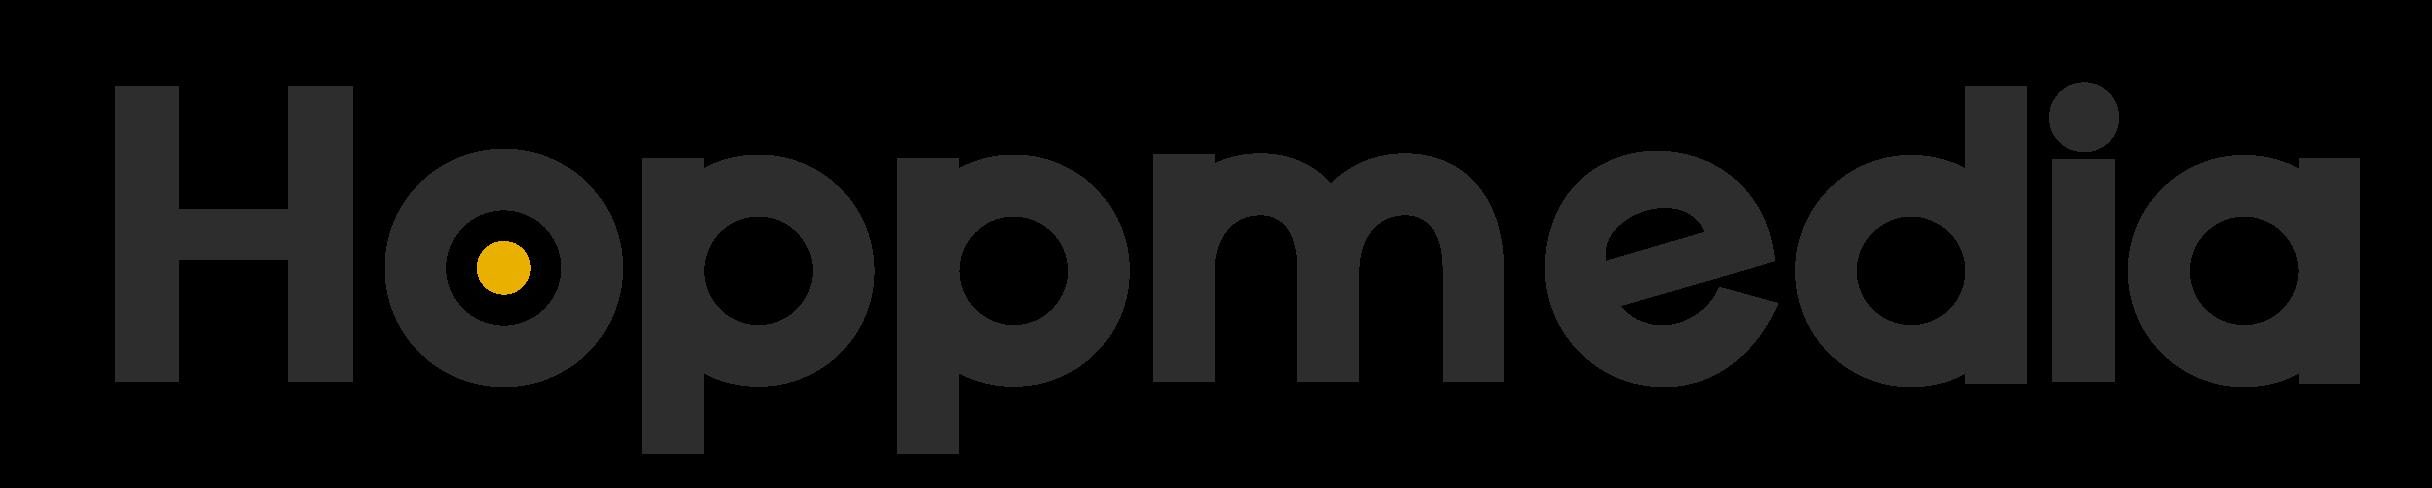 Logo_black_text